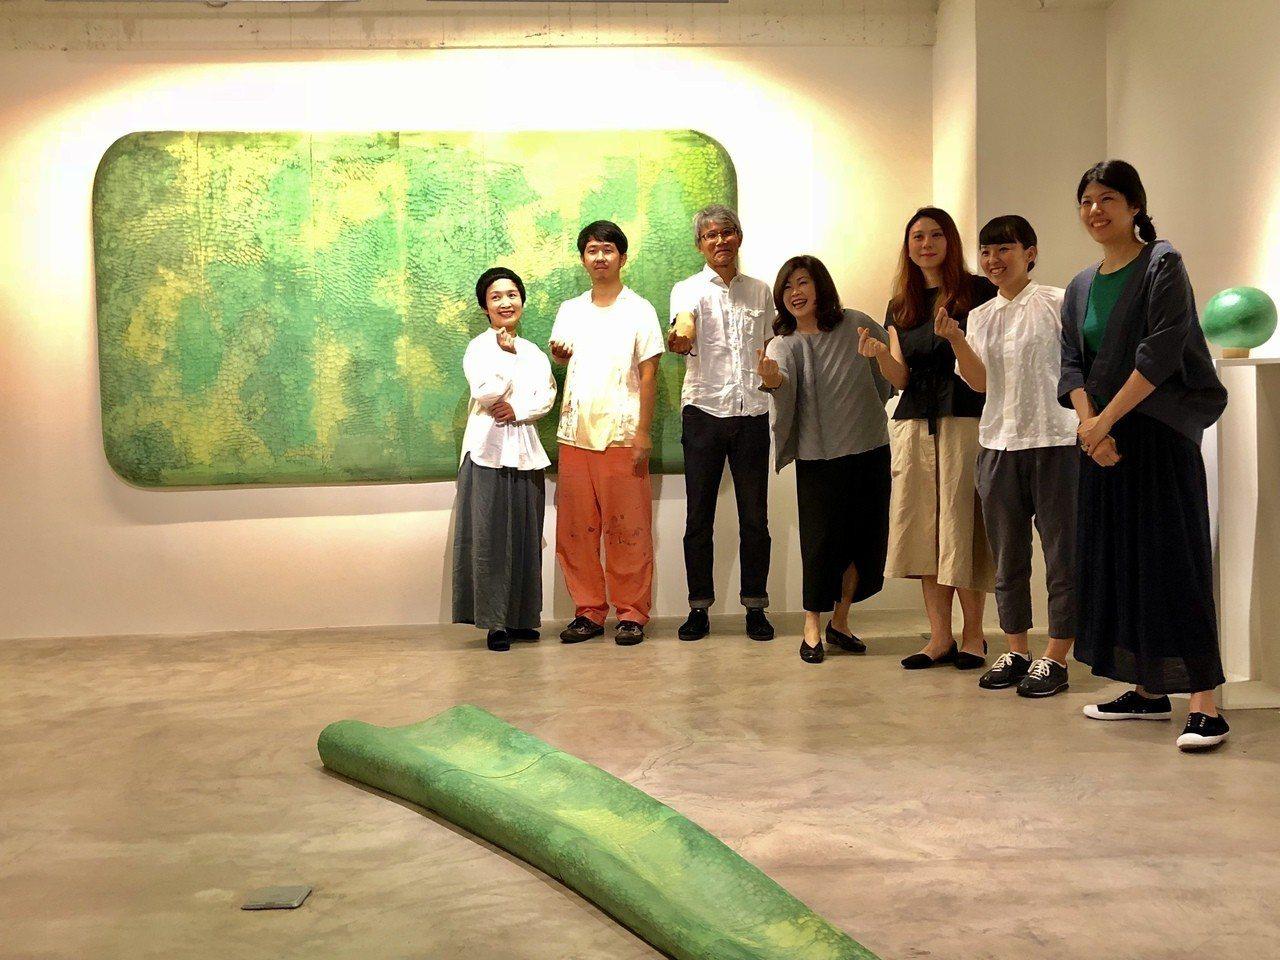 今年邁入第五年的臻品藝術中心台日藝術家交流展,將於8月11日起開展,展期至9月2...